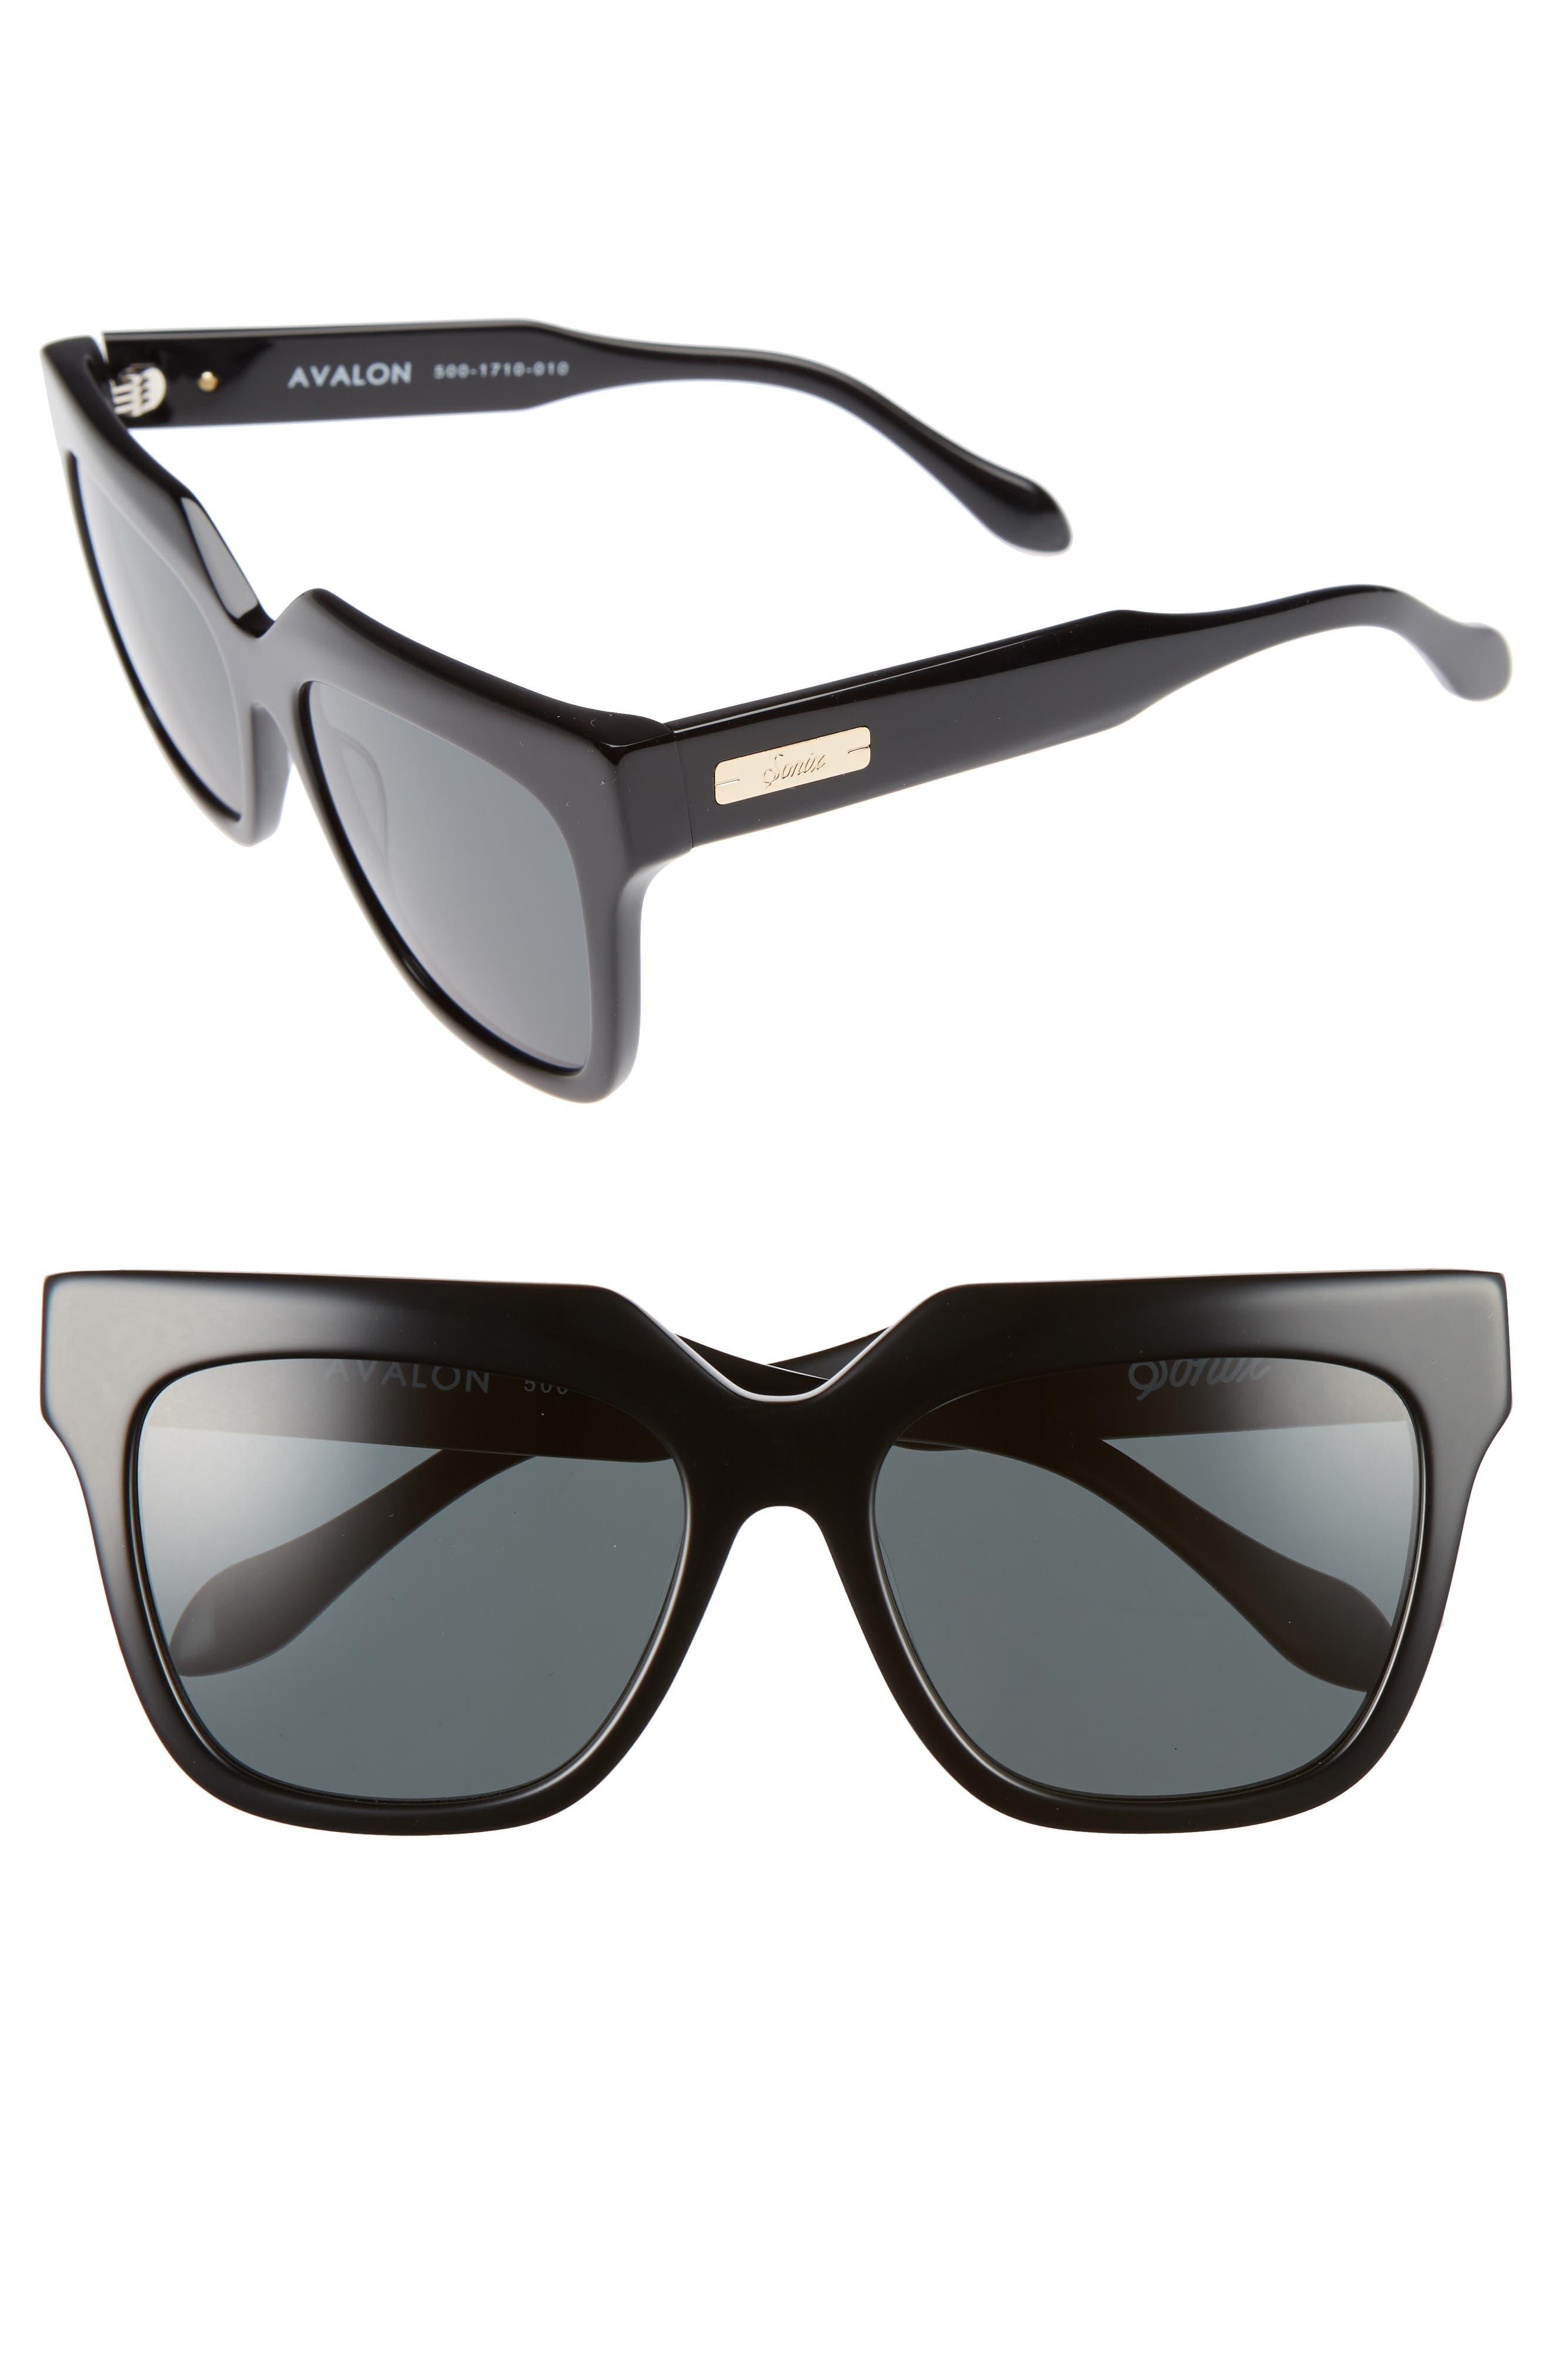 SONIX Avalon 57mm Retro Sunglasses, Main, color, 001